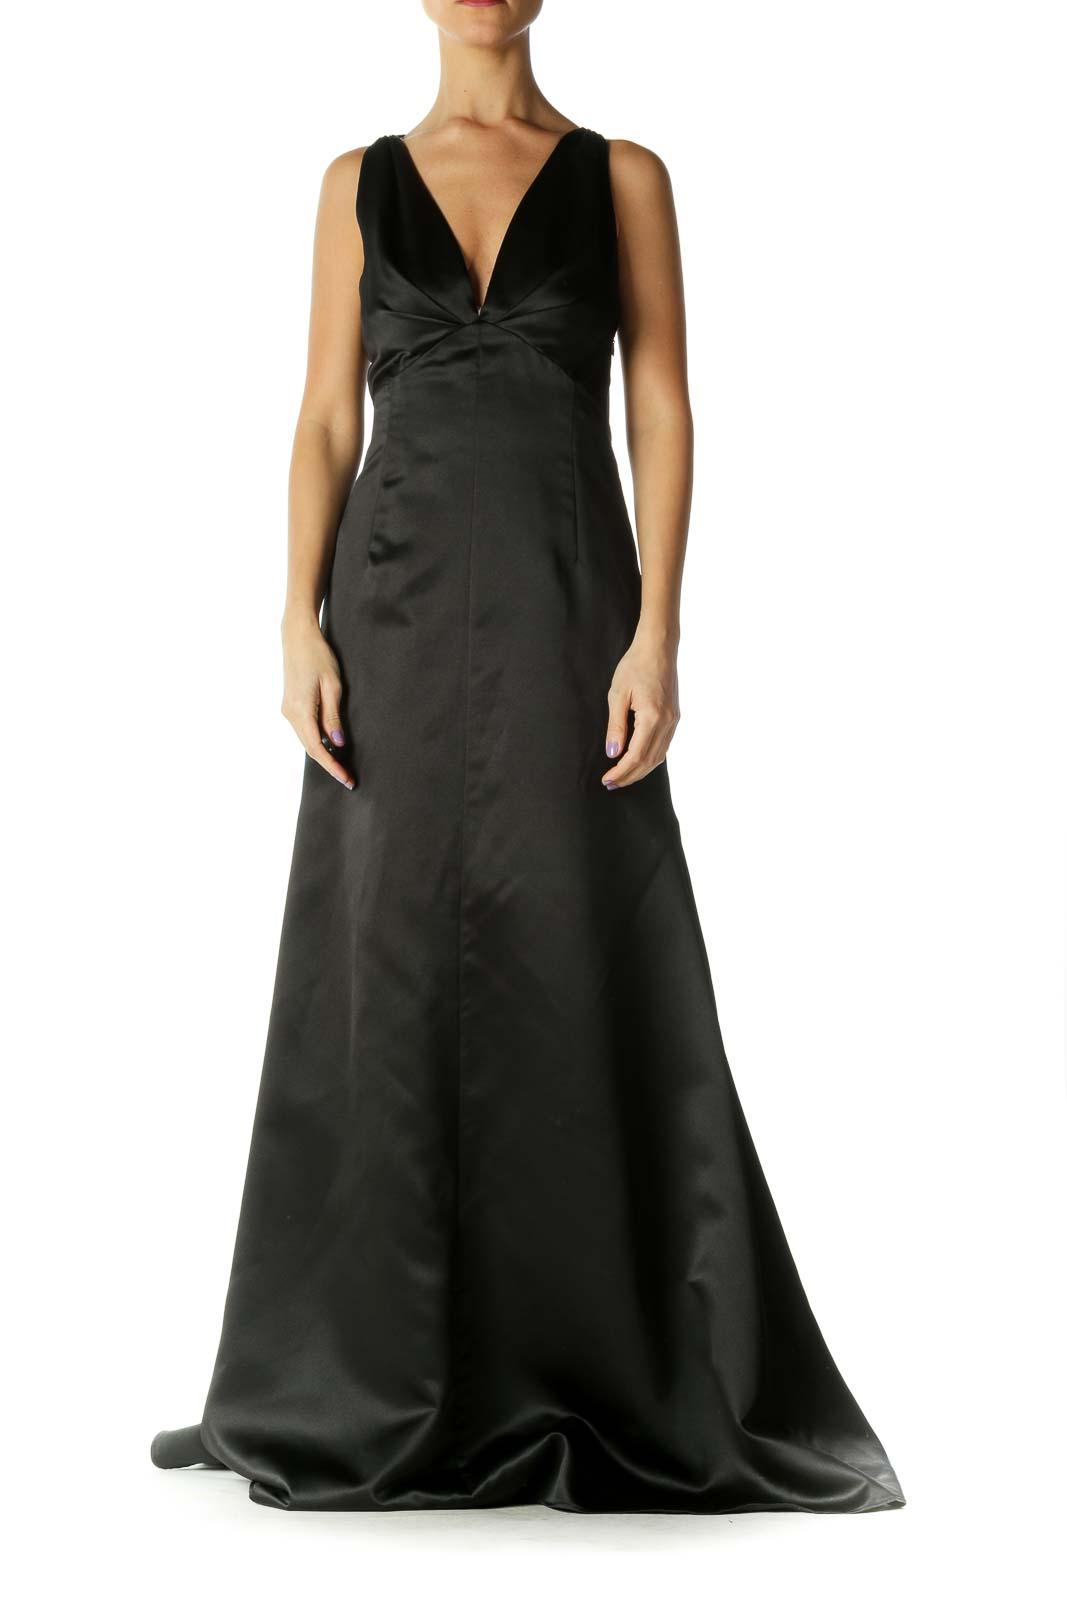 Black V-Neck Trumpet Evening Dress Front